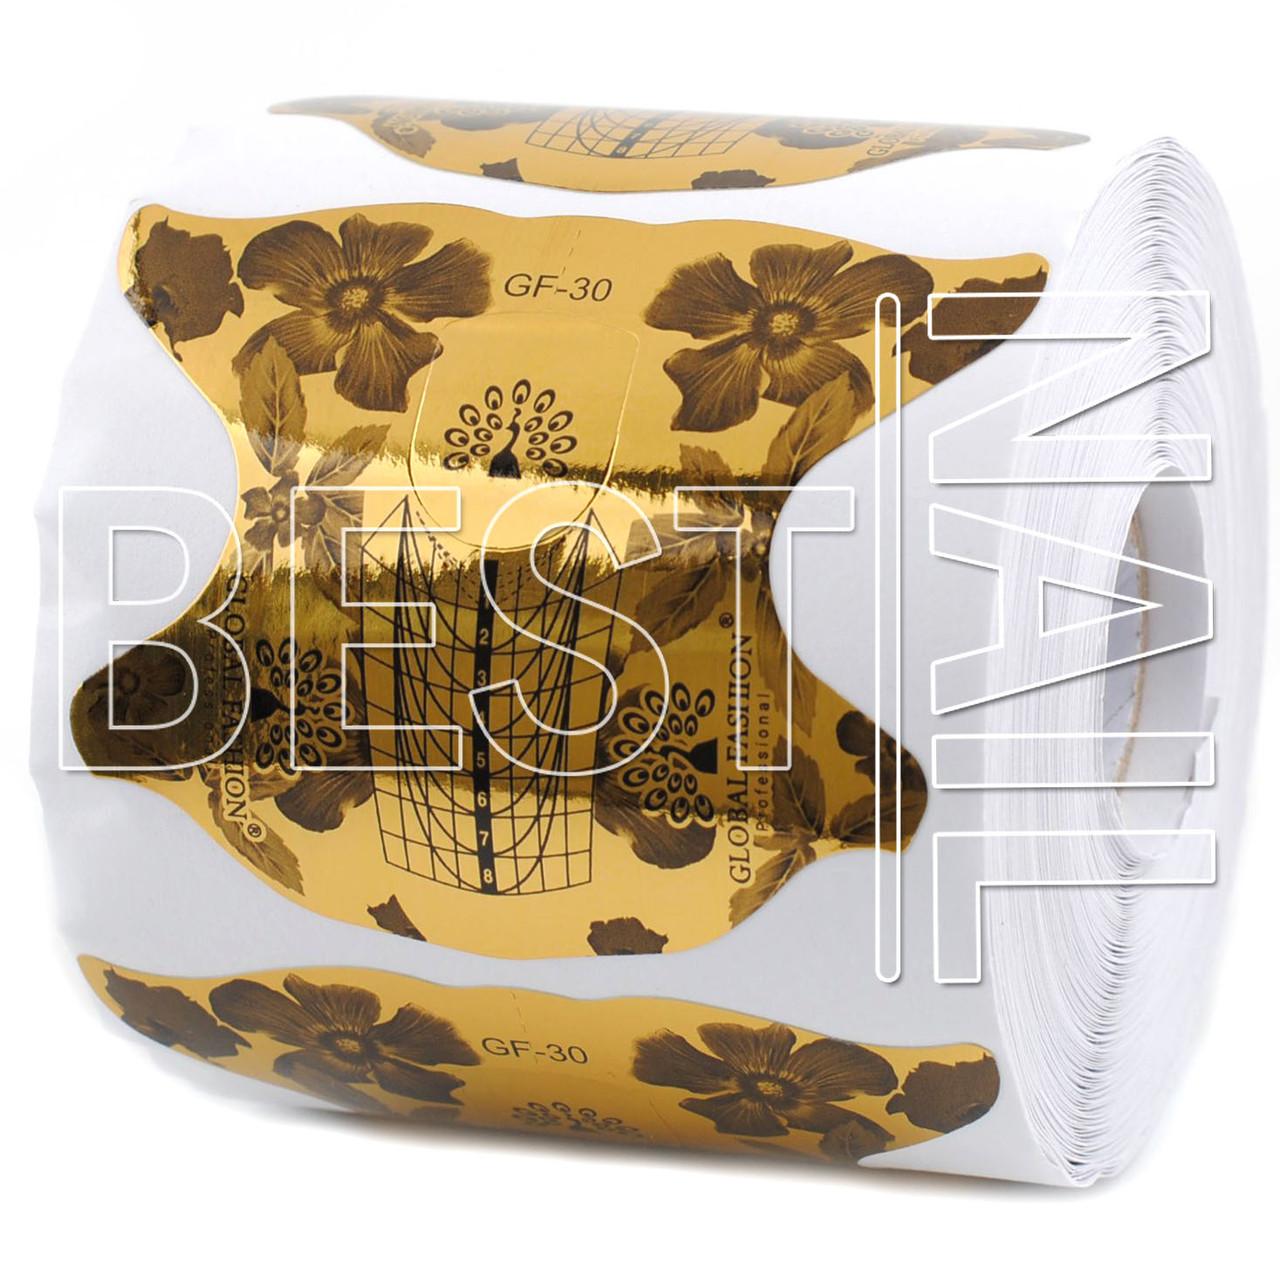 Форми для нігтів Global Fashion золоті GF-30 300 штук